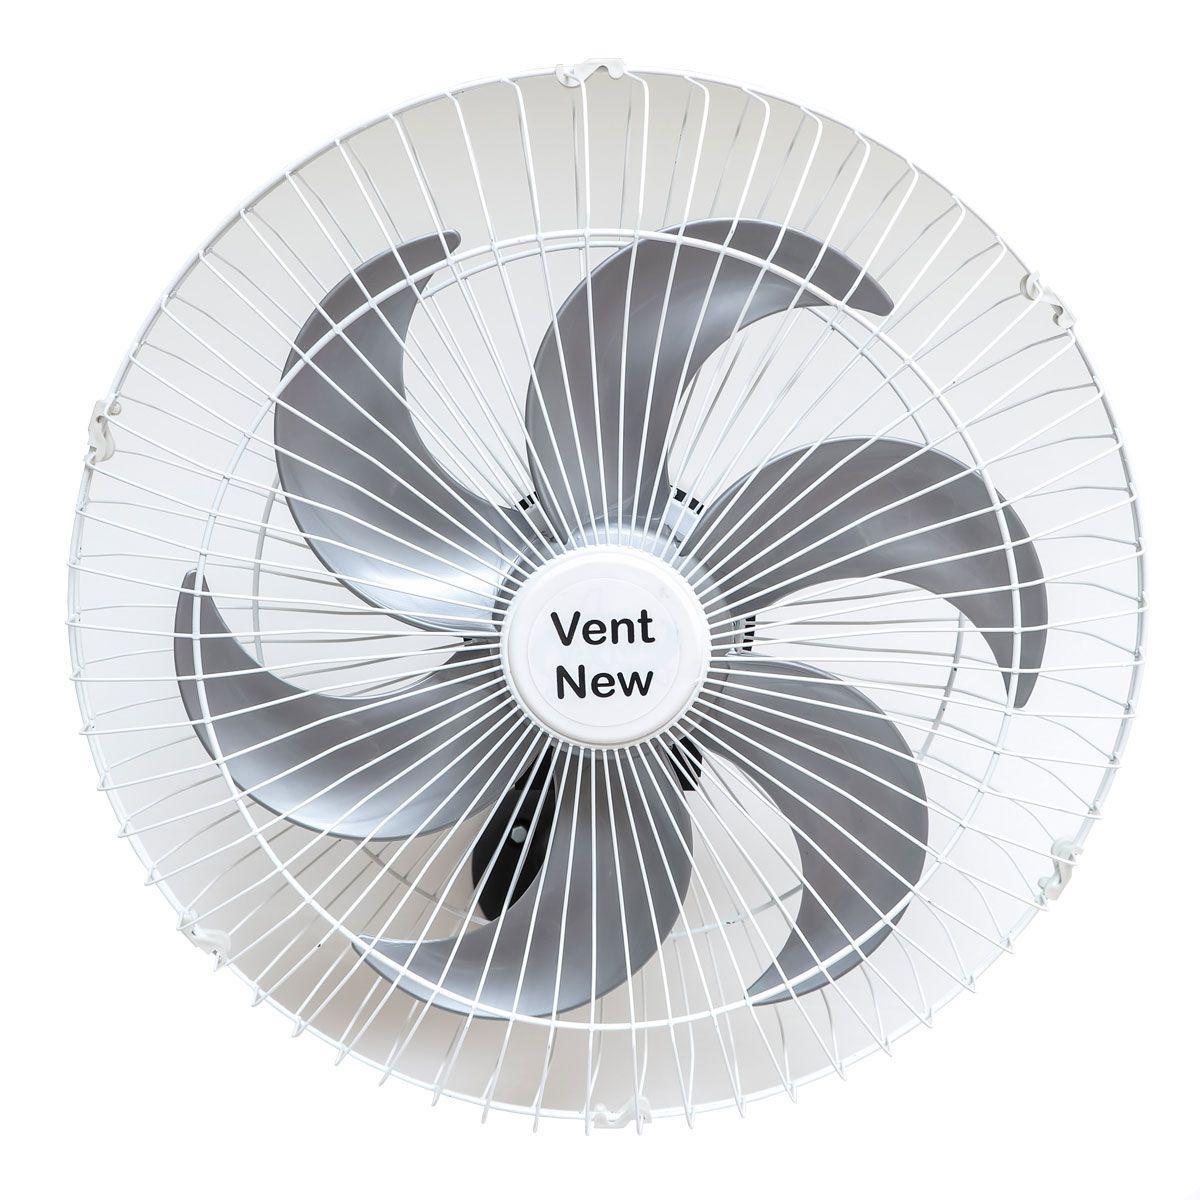 Kit 5 Ventiladores Parede Oscilante 50 Cm Branco / Prata Bivolt Grade Aço